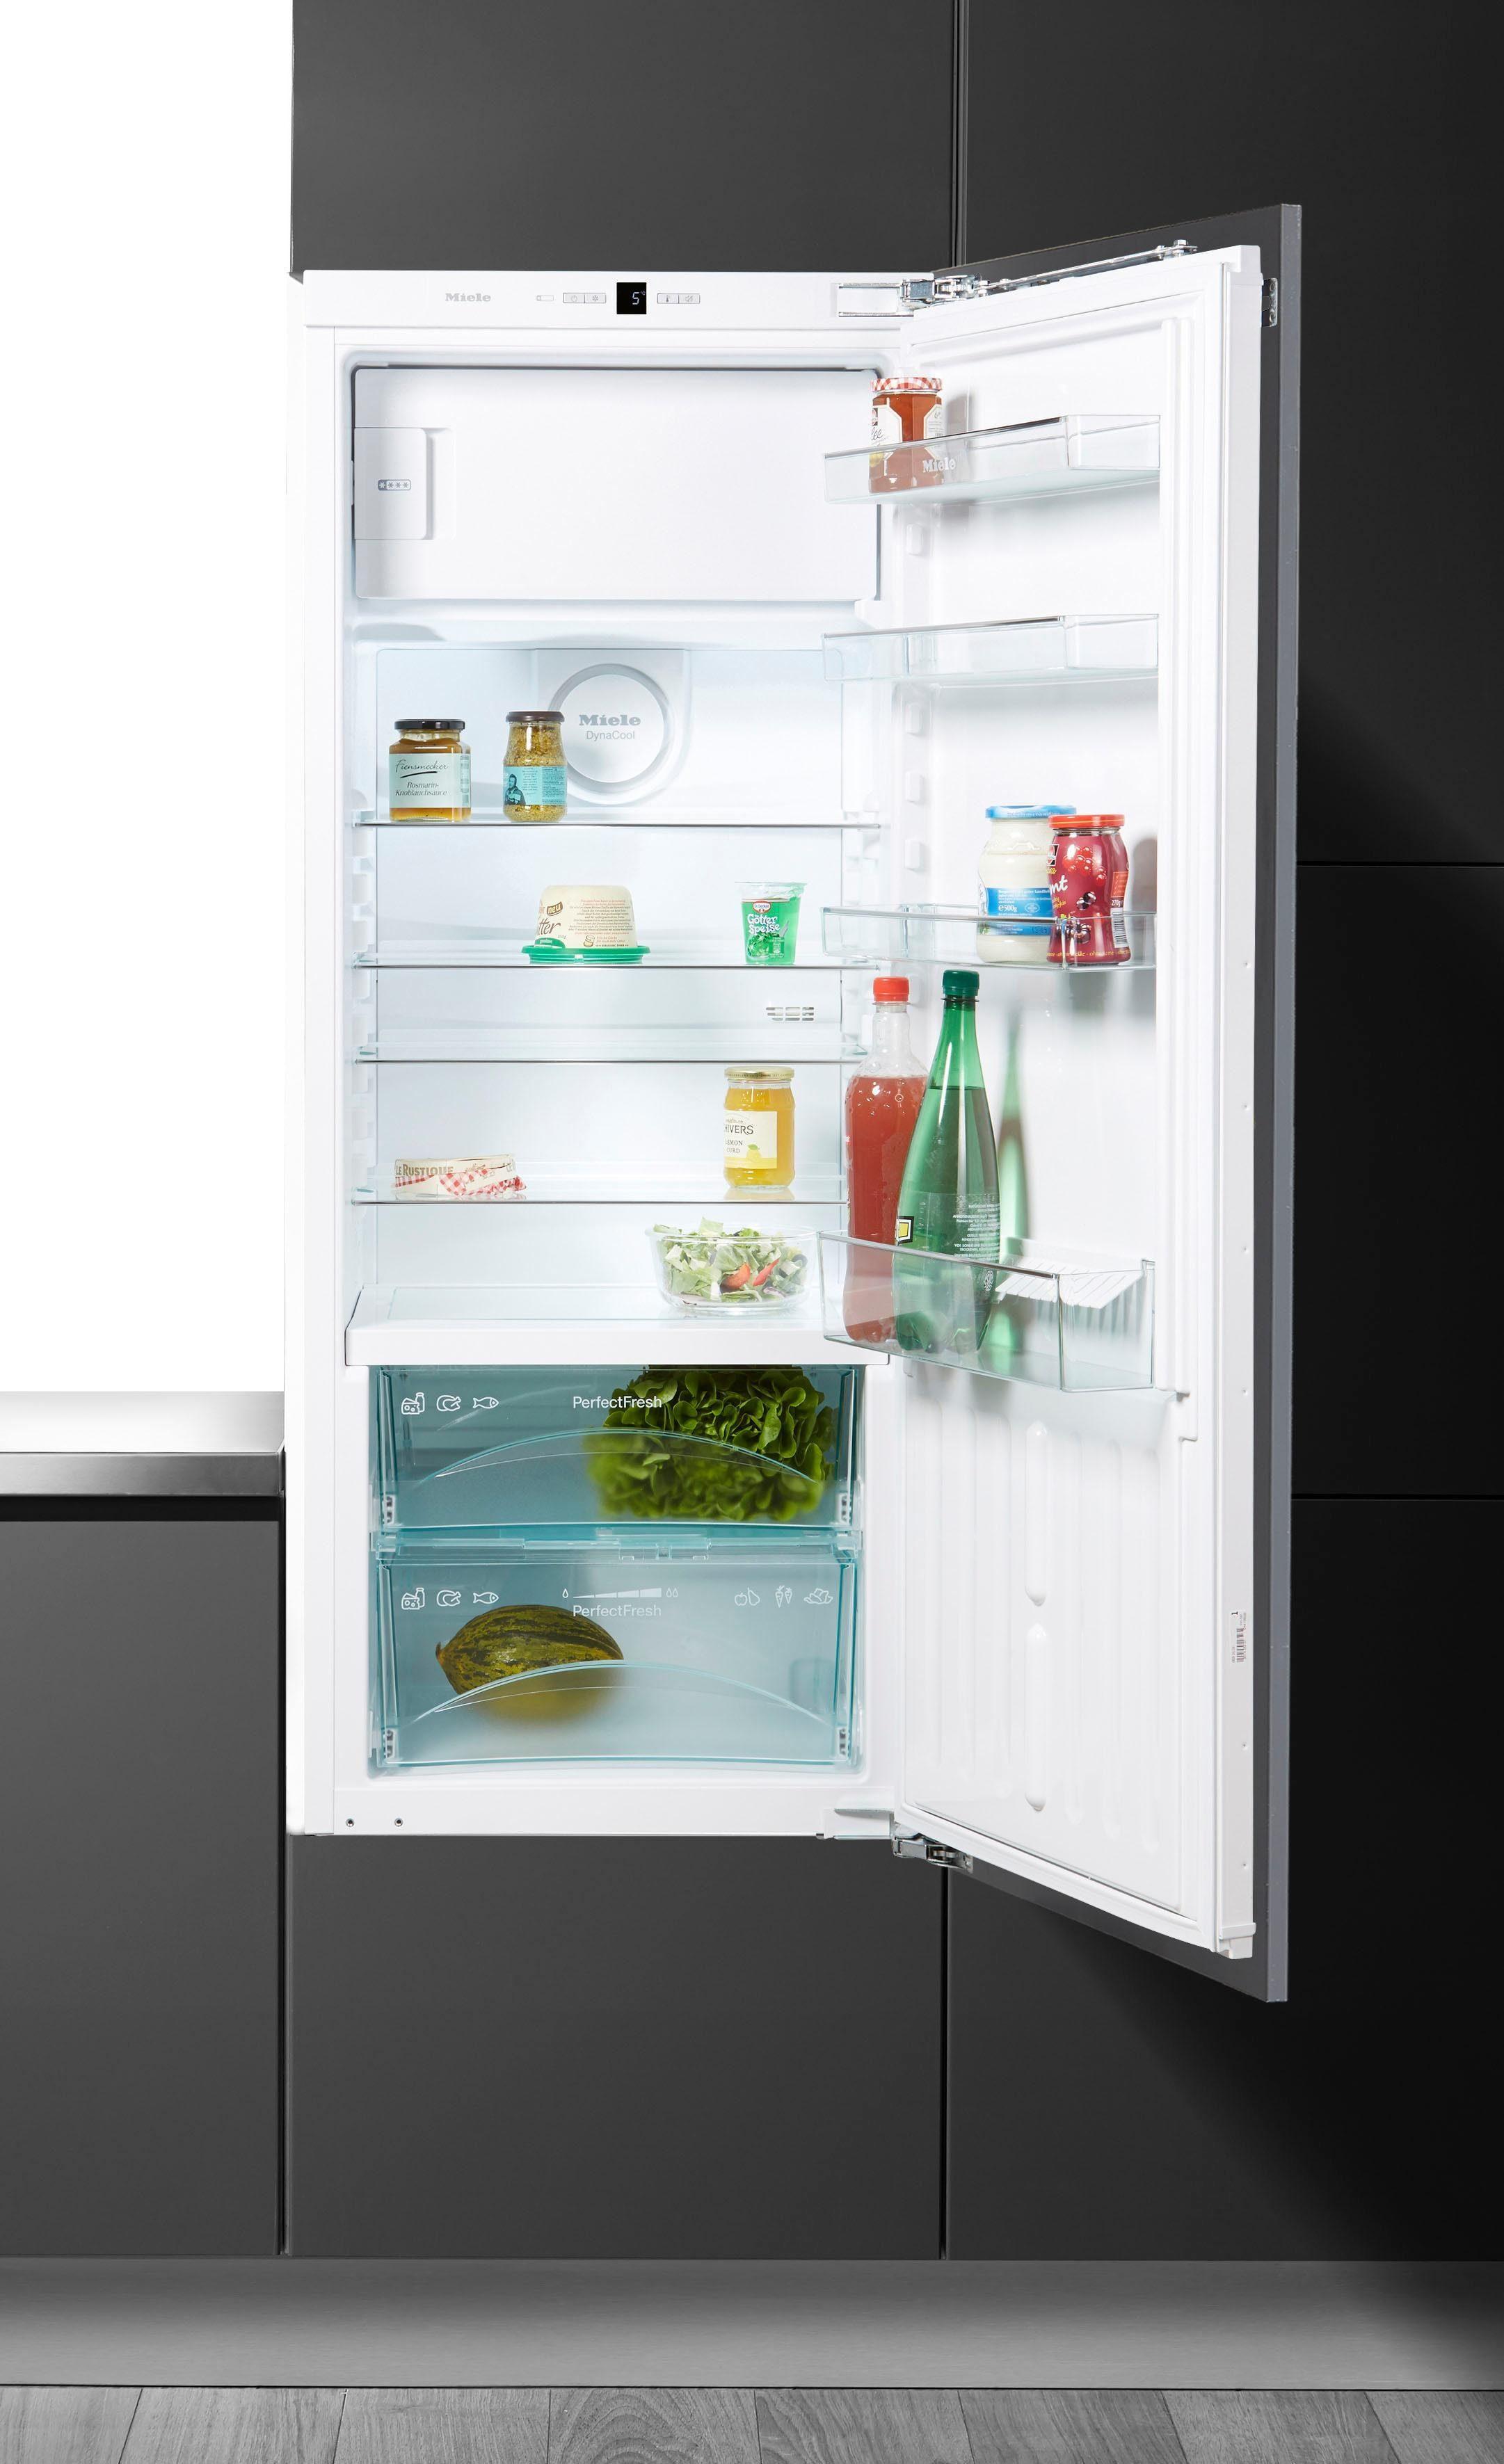 Miele Einbaukühlschrank K 35282 iDF, 139,5 cm hoch, 55,9 cm breit